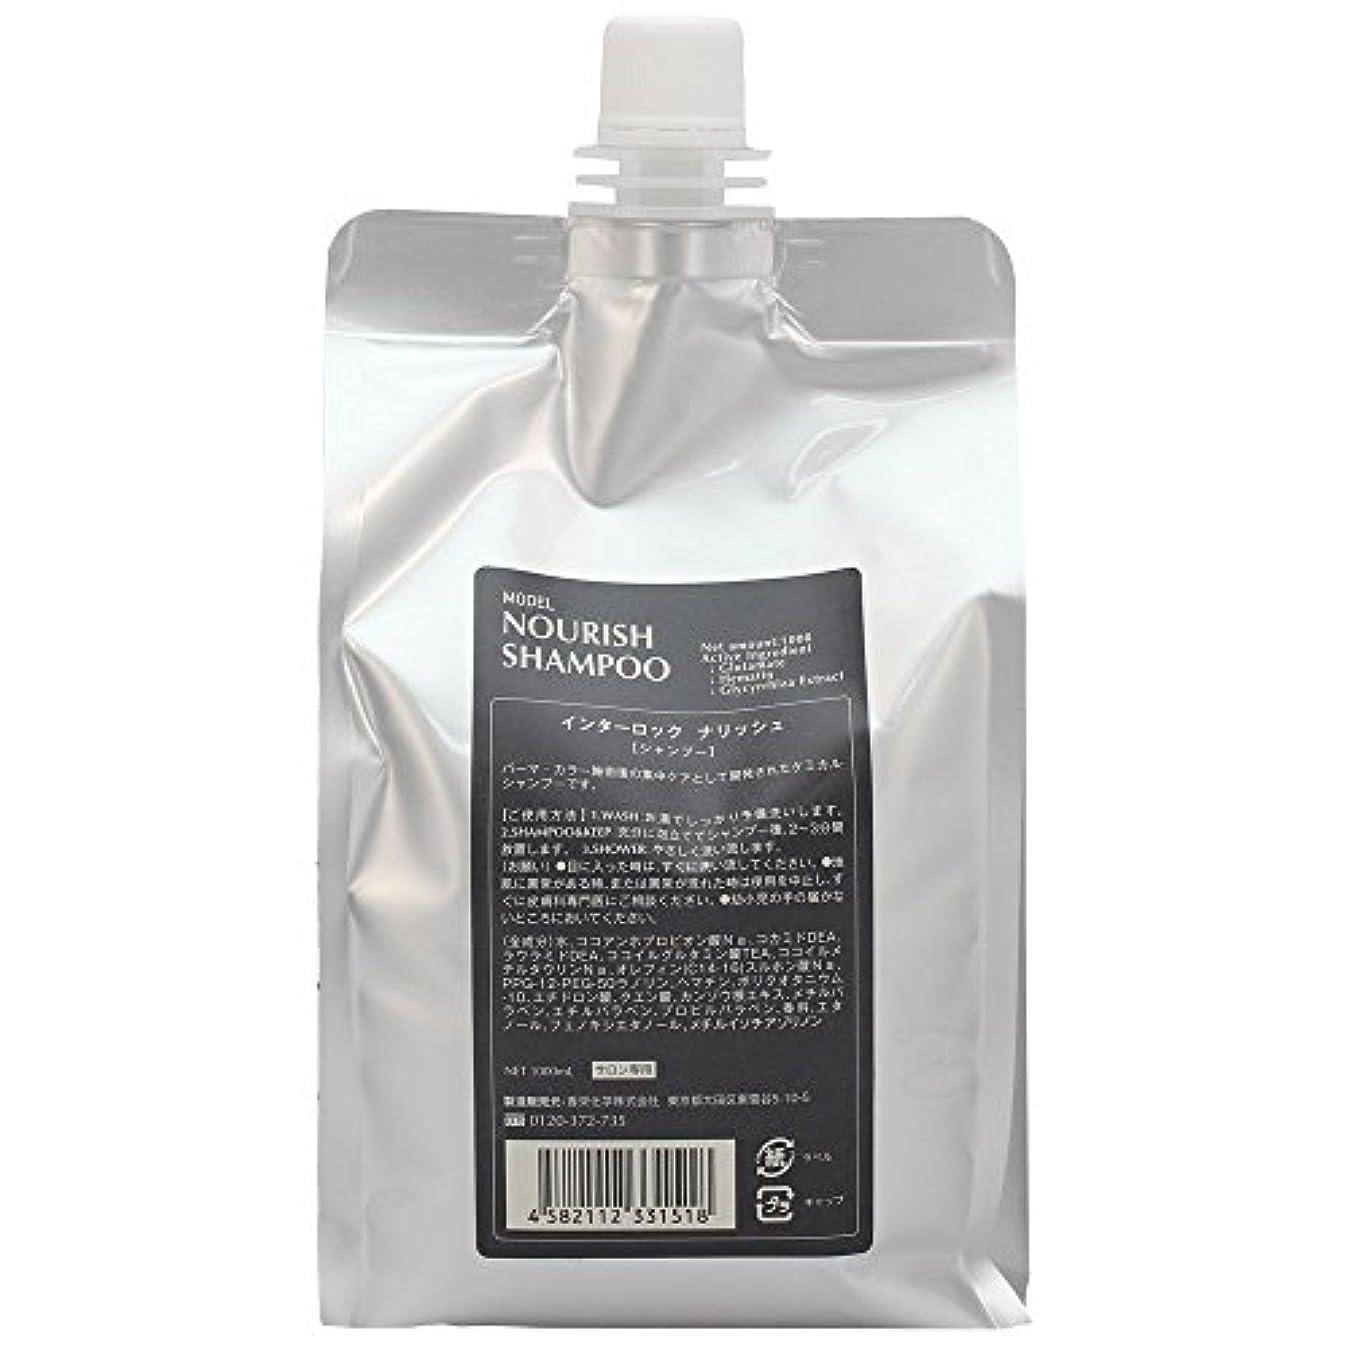 脱走突き刺すラフト香栄化学 ナリッシュシャンプー レフィル 1000ml